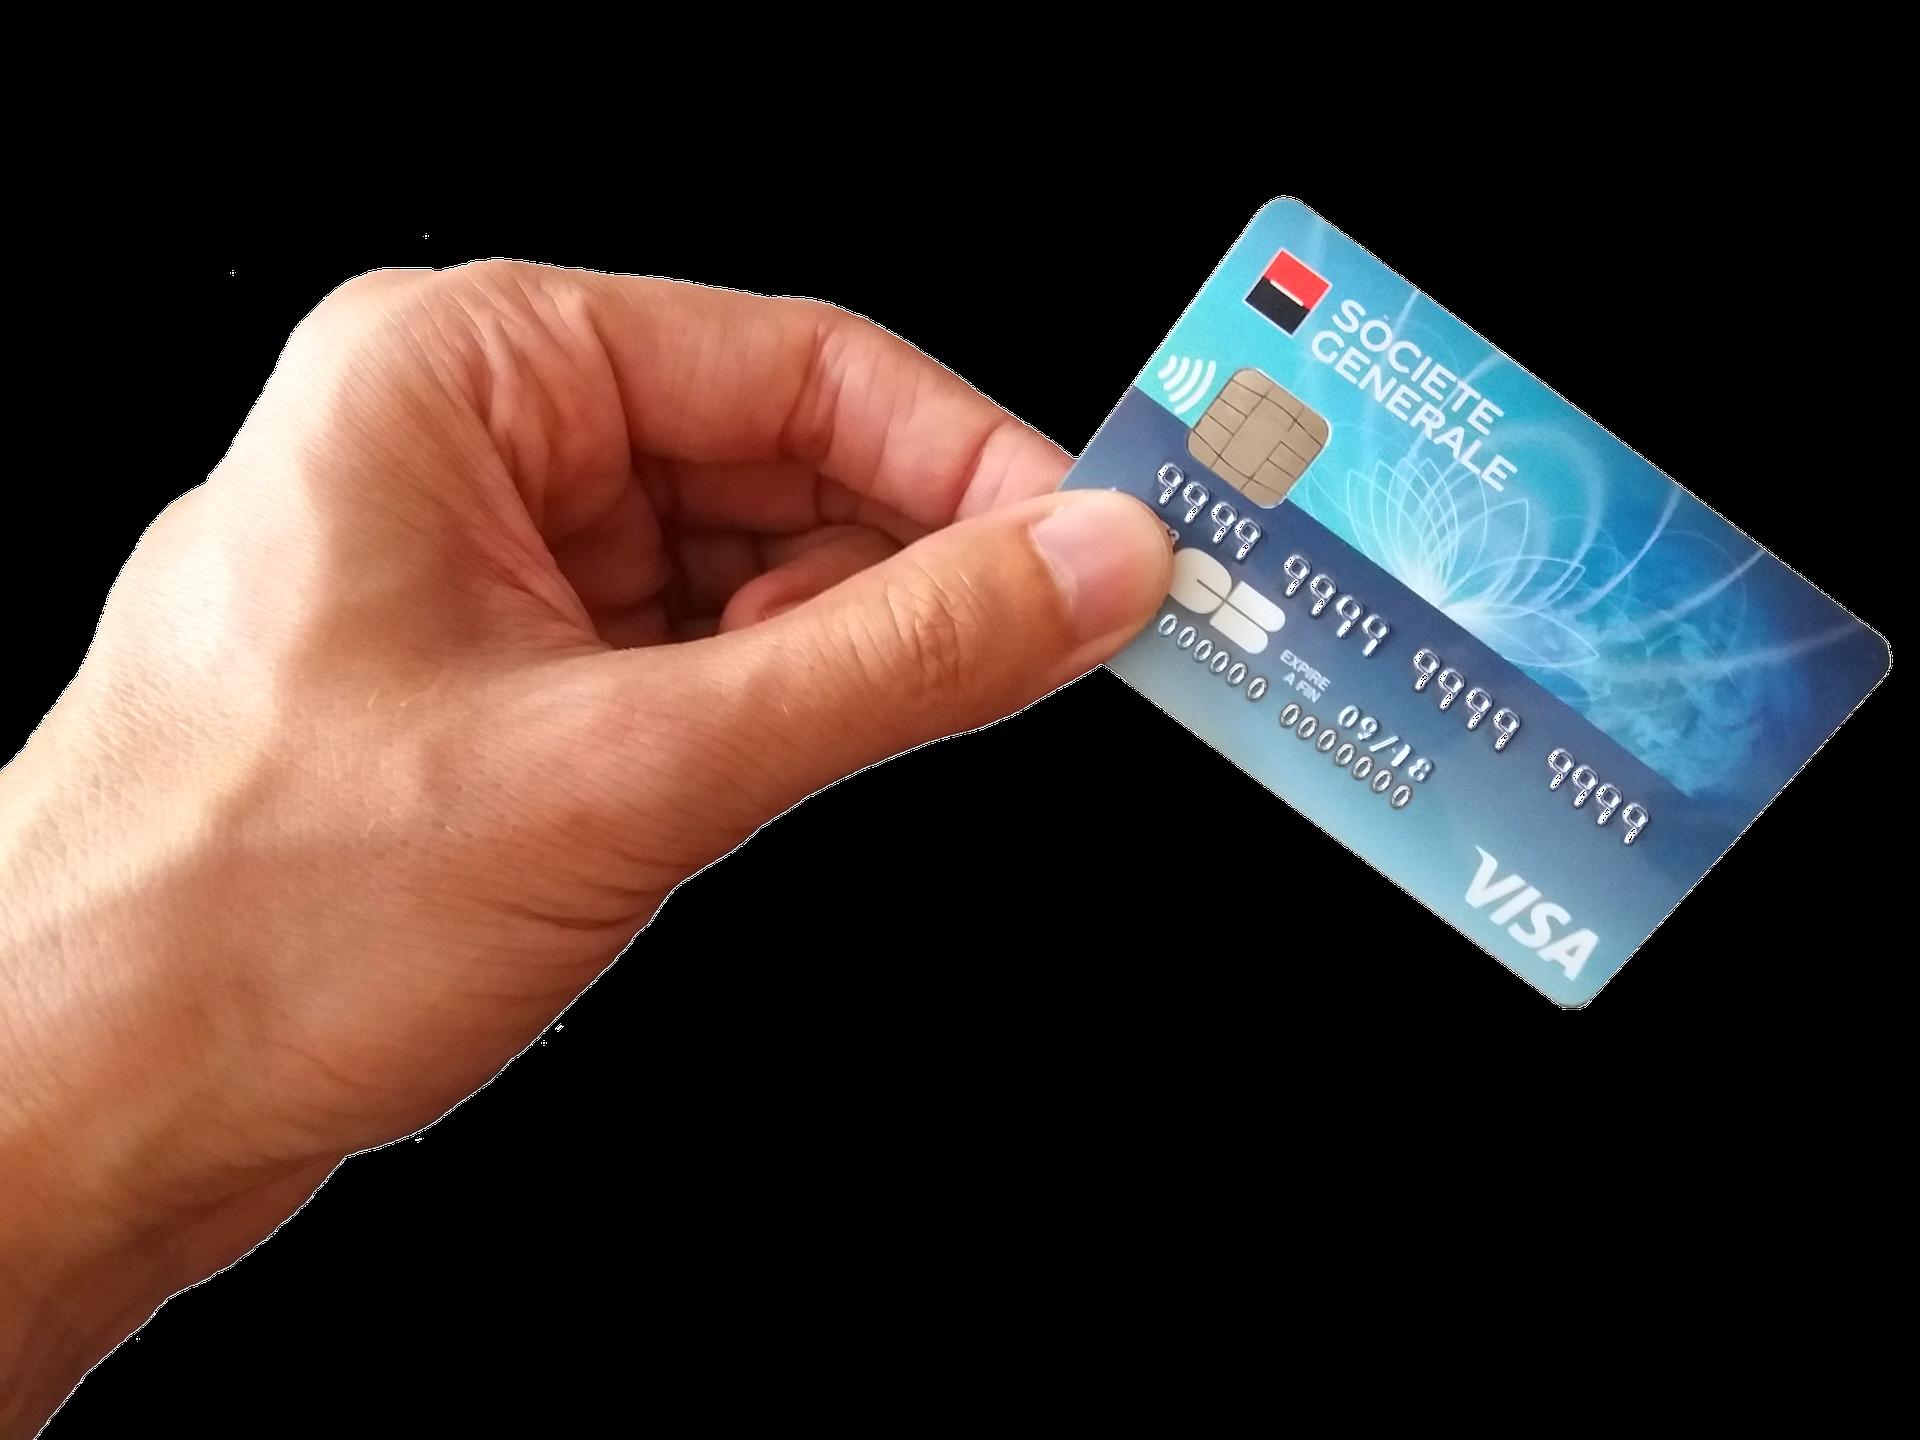 最新数据:信用卡和借贷合一共发卡量7.49亿张,全国人均6.09张